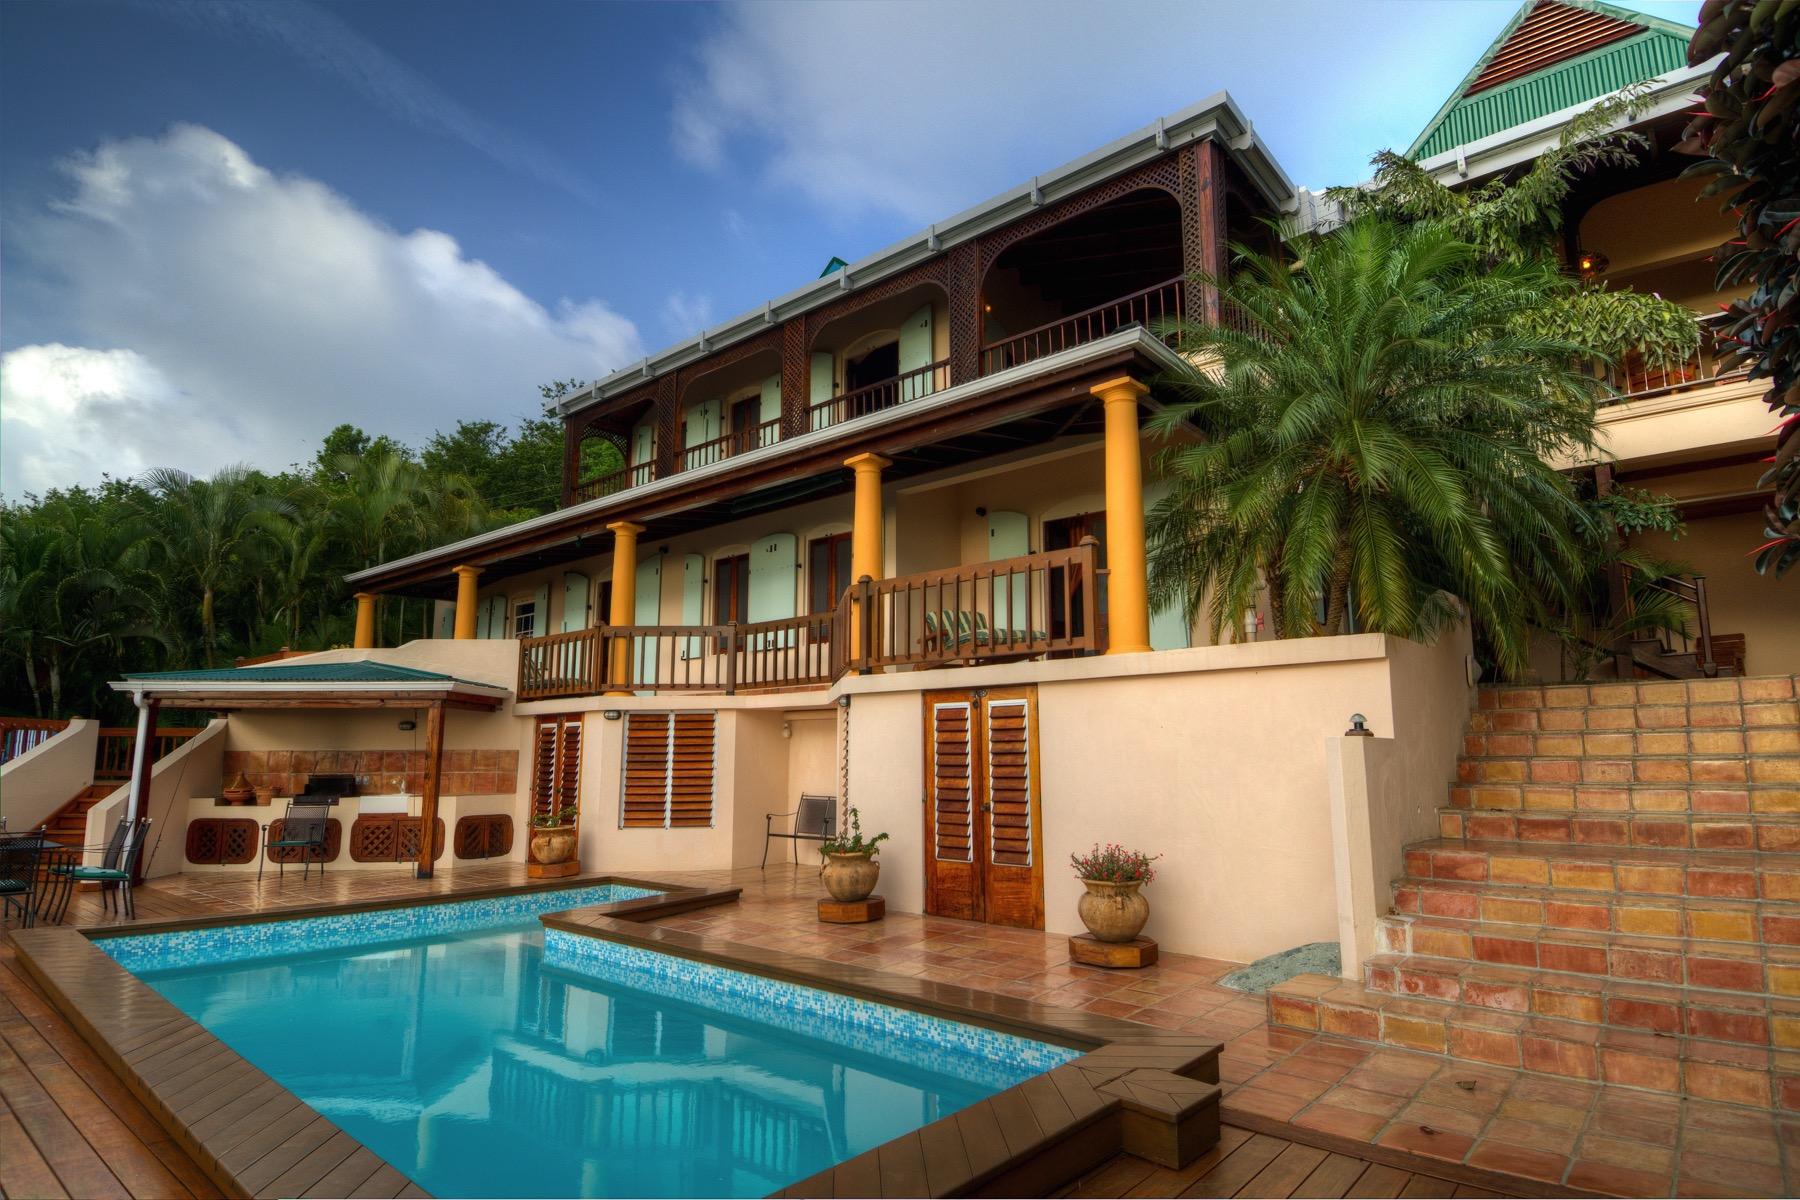 独户住宅 为 销售 在 Shannon Manor 香农, 托尔托拉 英属维尔京群岛